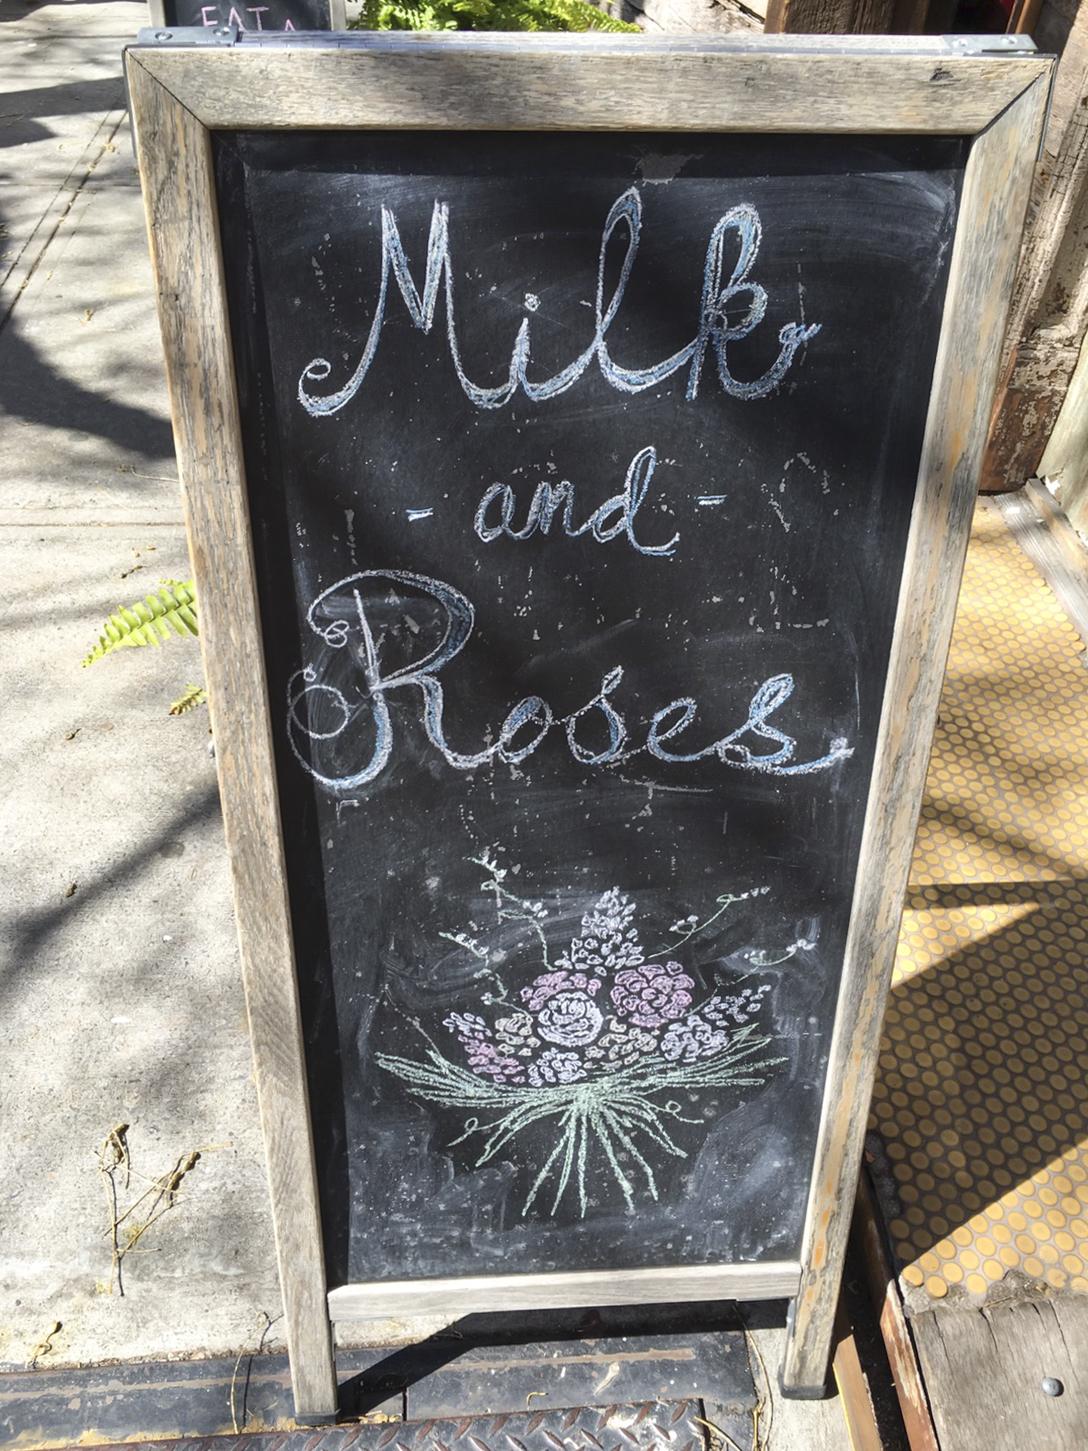 Milk and Roses_NY_11